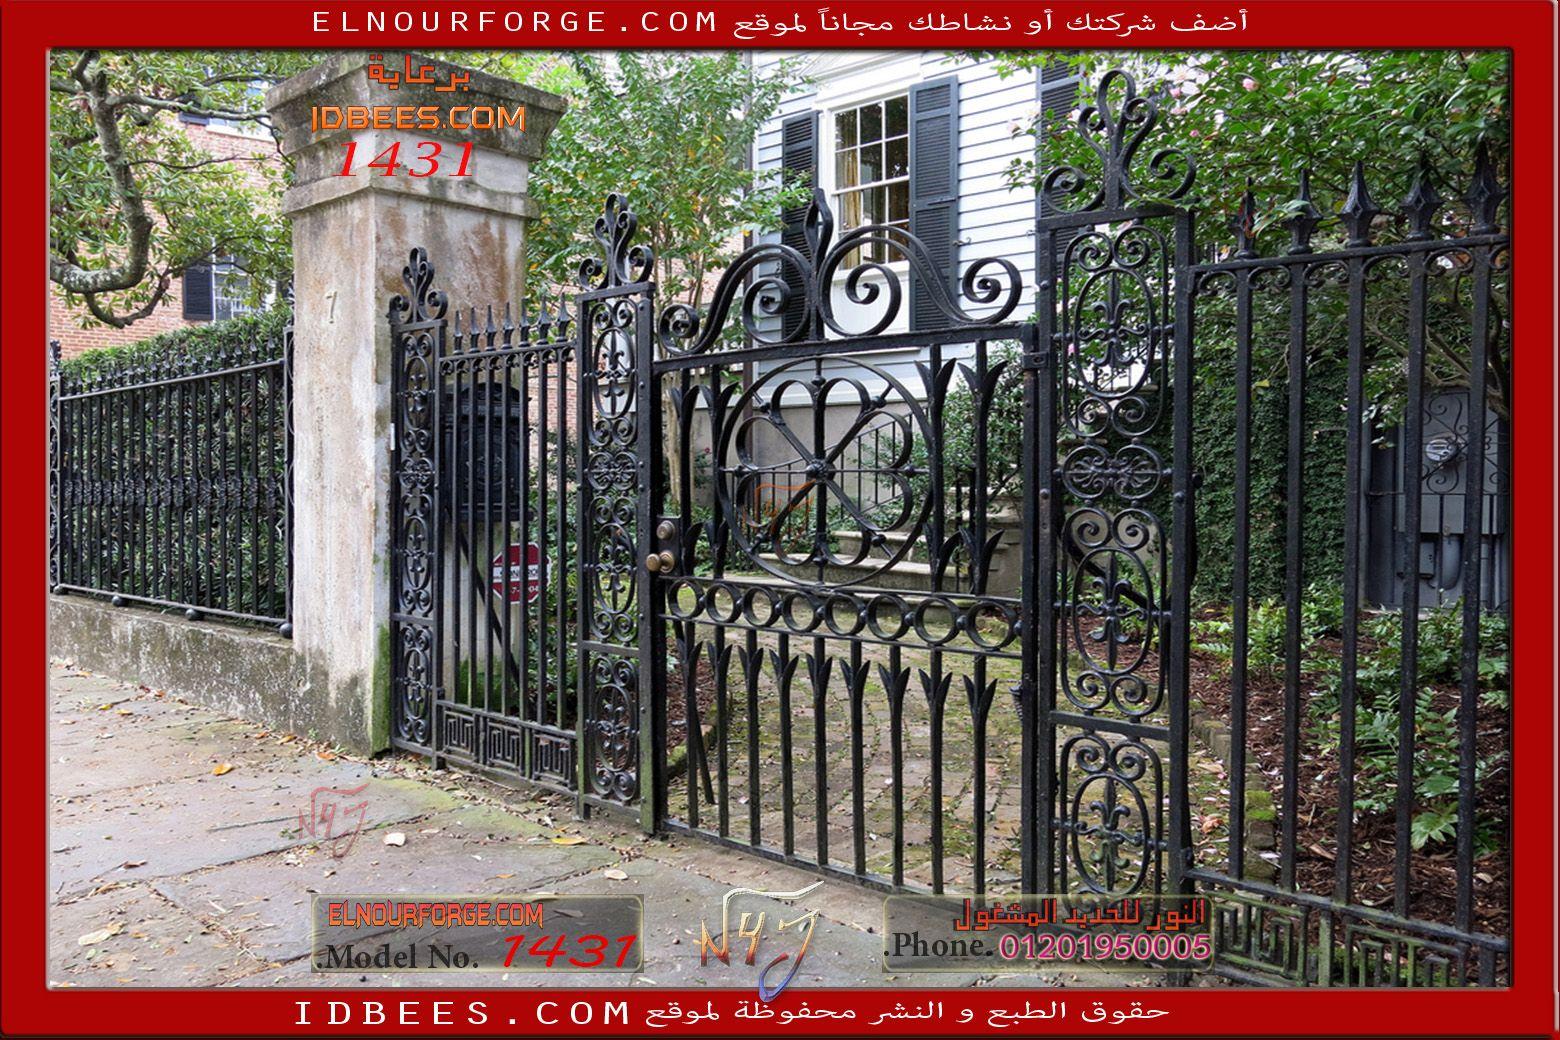 1431مكرر Iron Gate Designs بوابات حديد مشغول Wrought Iron Fences